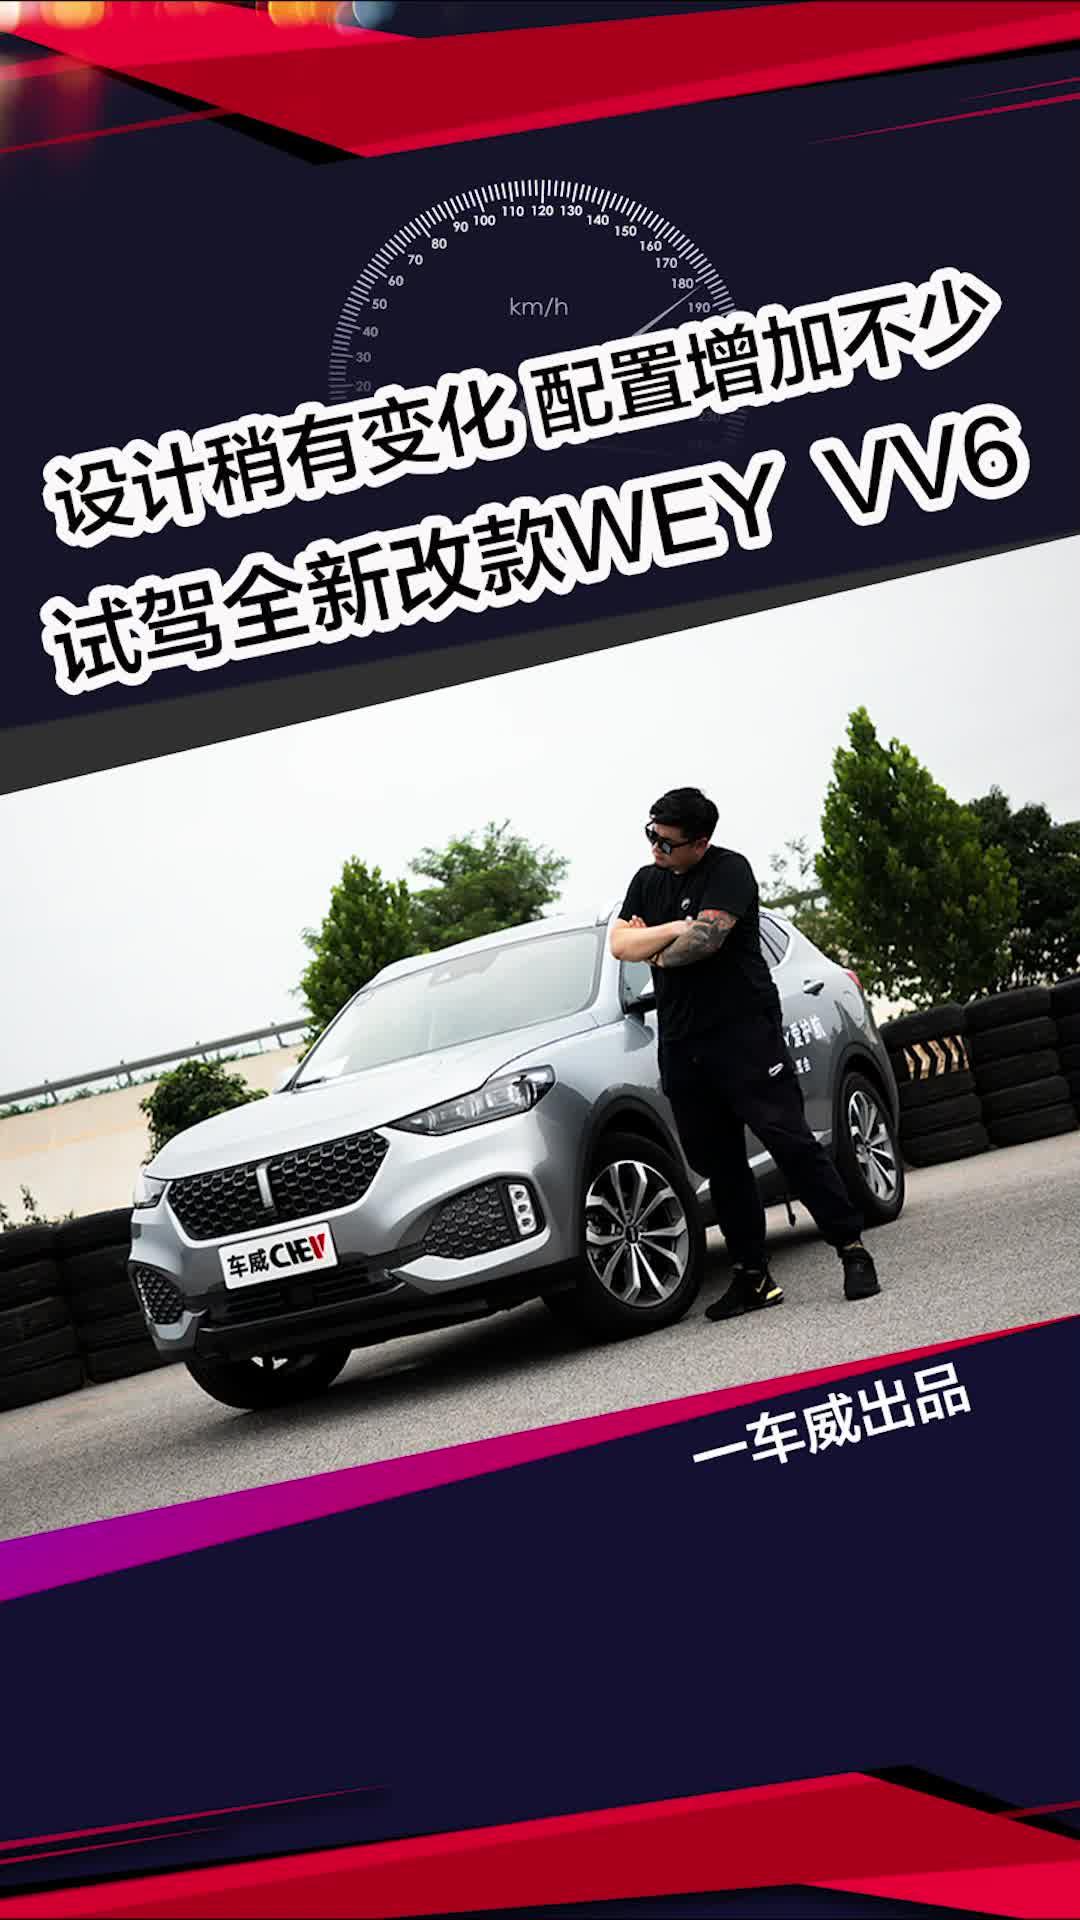 设计稍有变化 配置增加不少 试驾全新改款WEY VV6